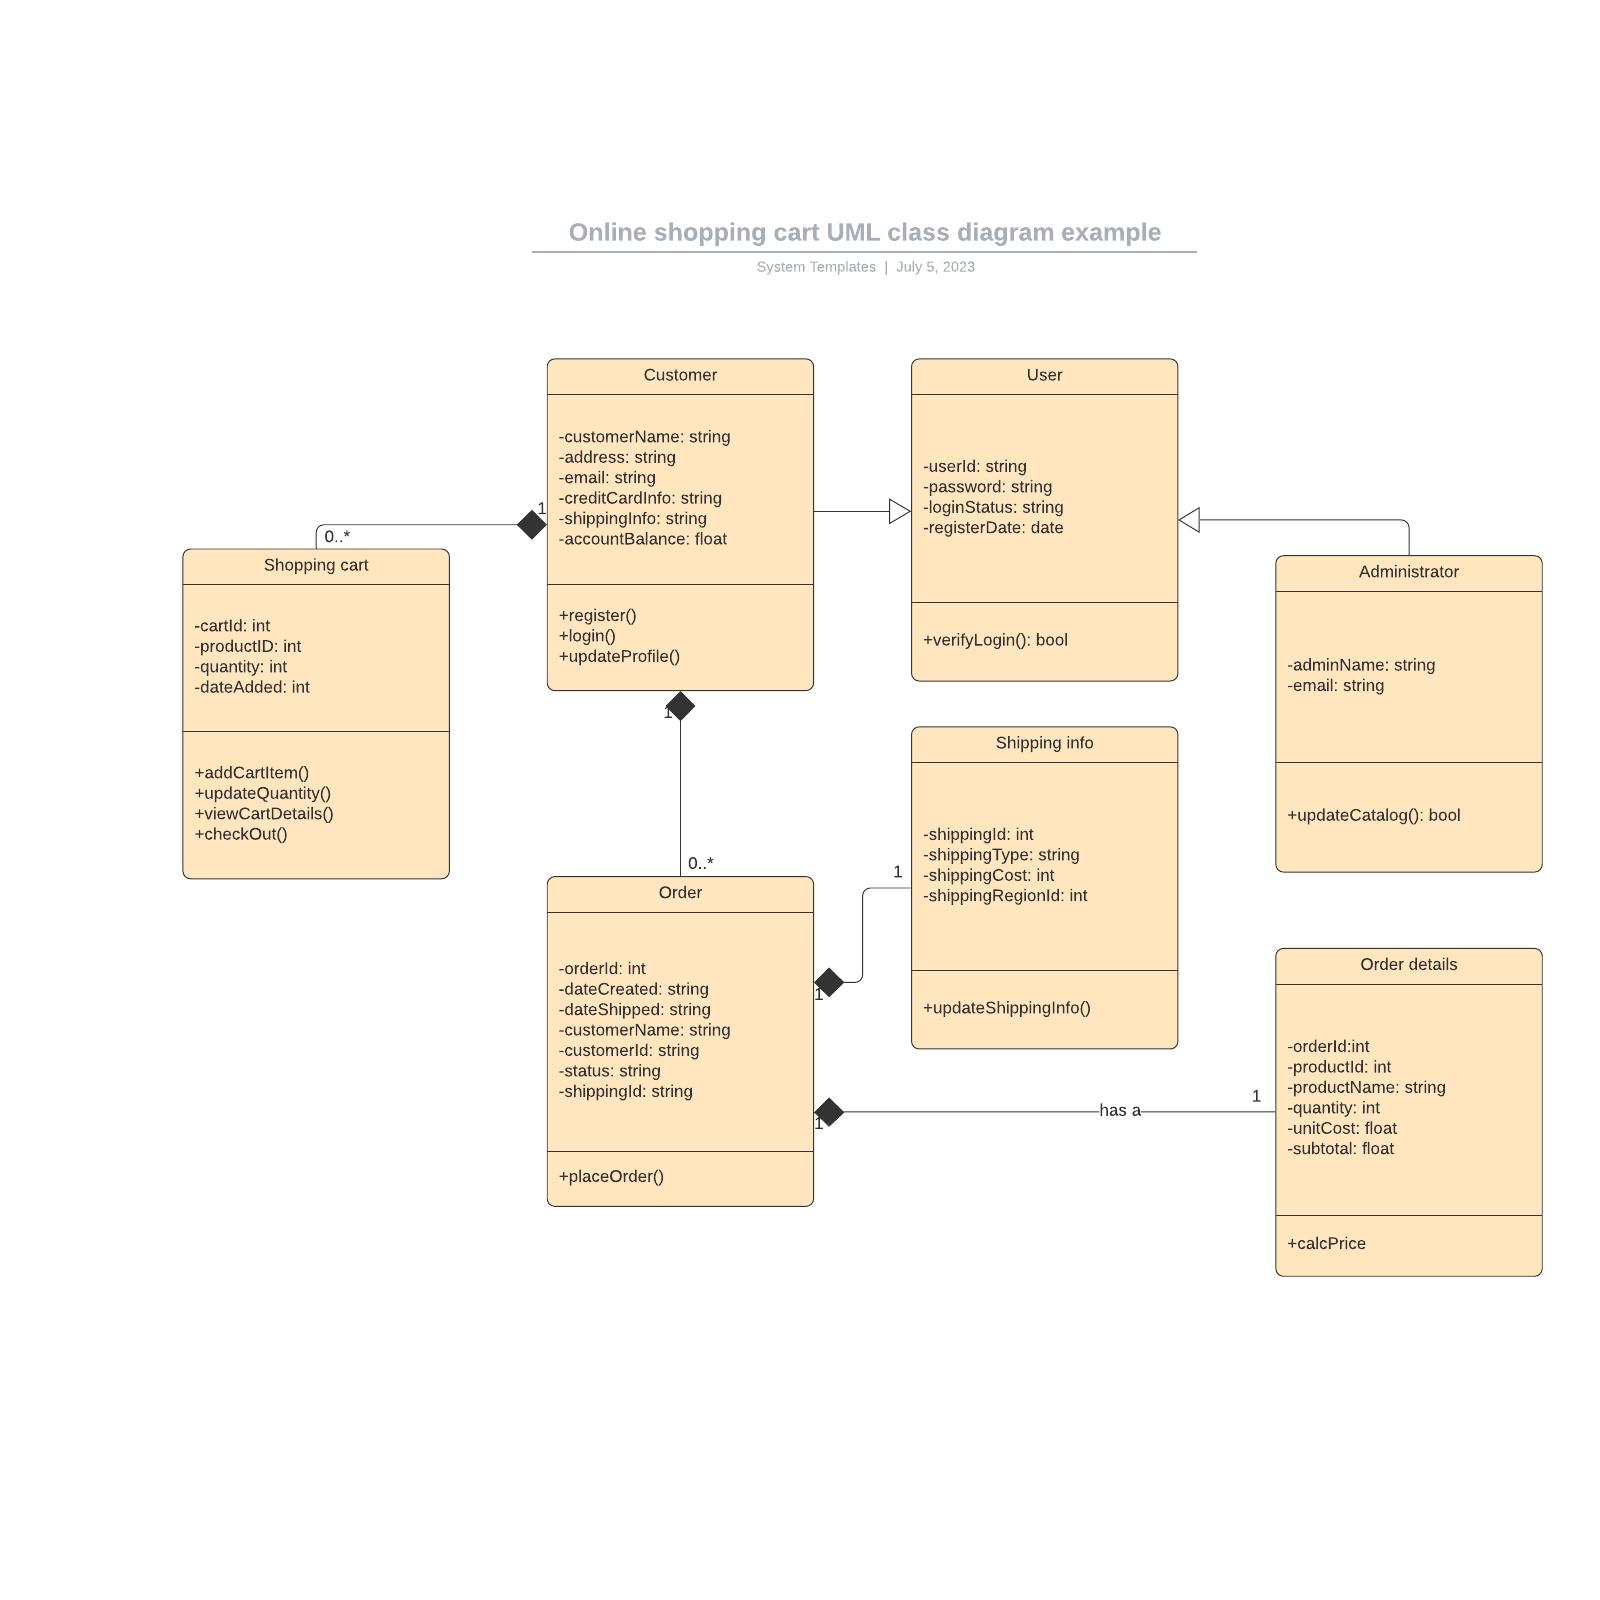 Online shopping cart UML class diagram example